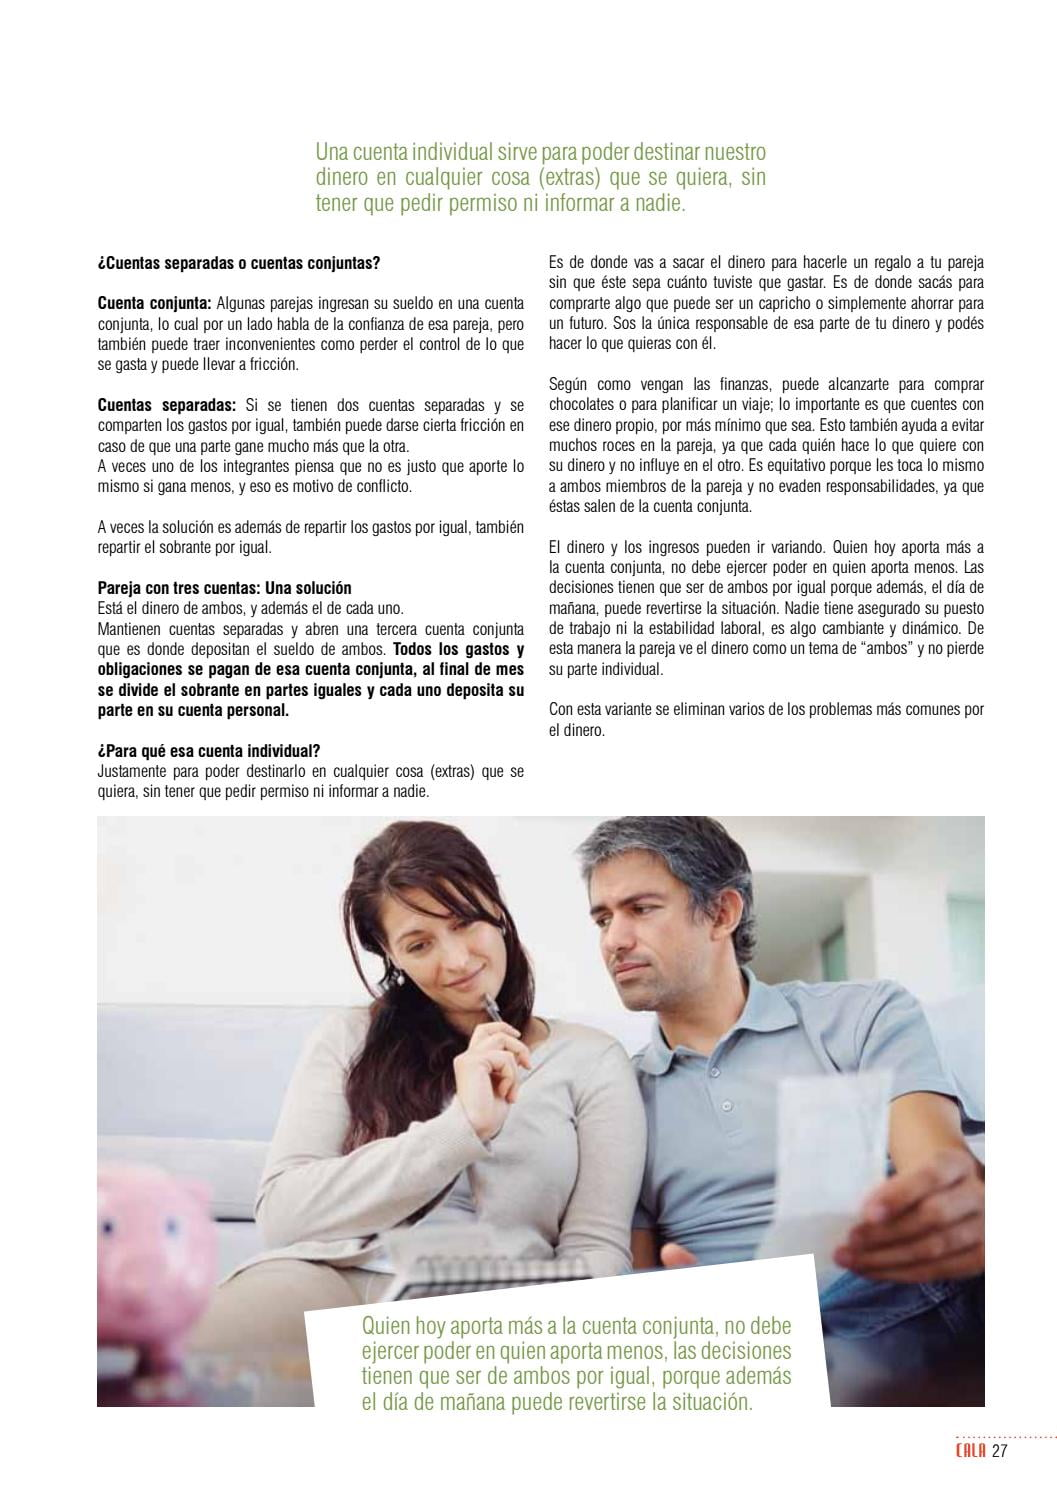 ¿Cómo llevar las cuentas en pareja? ¿Conjuntas o separadas?